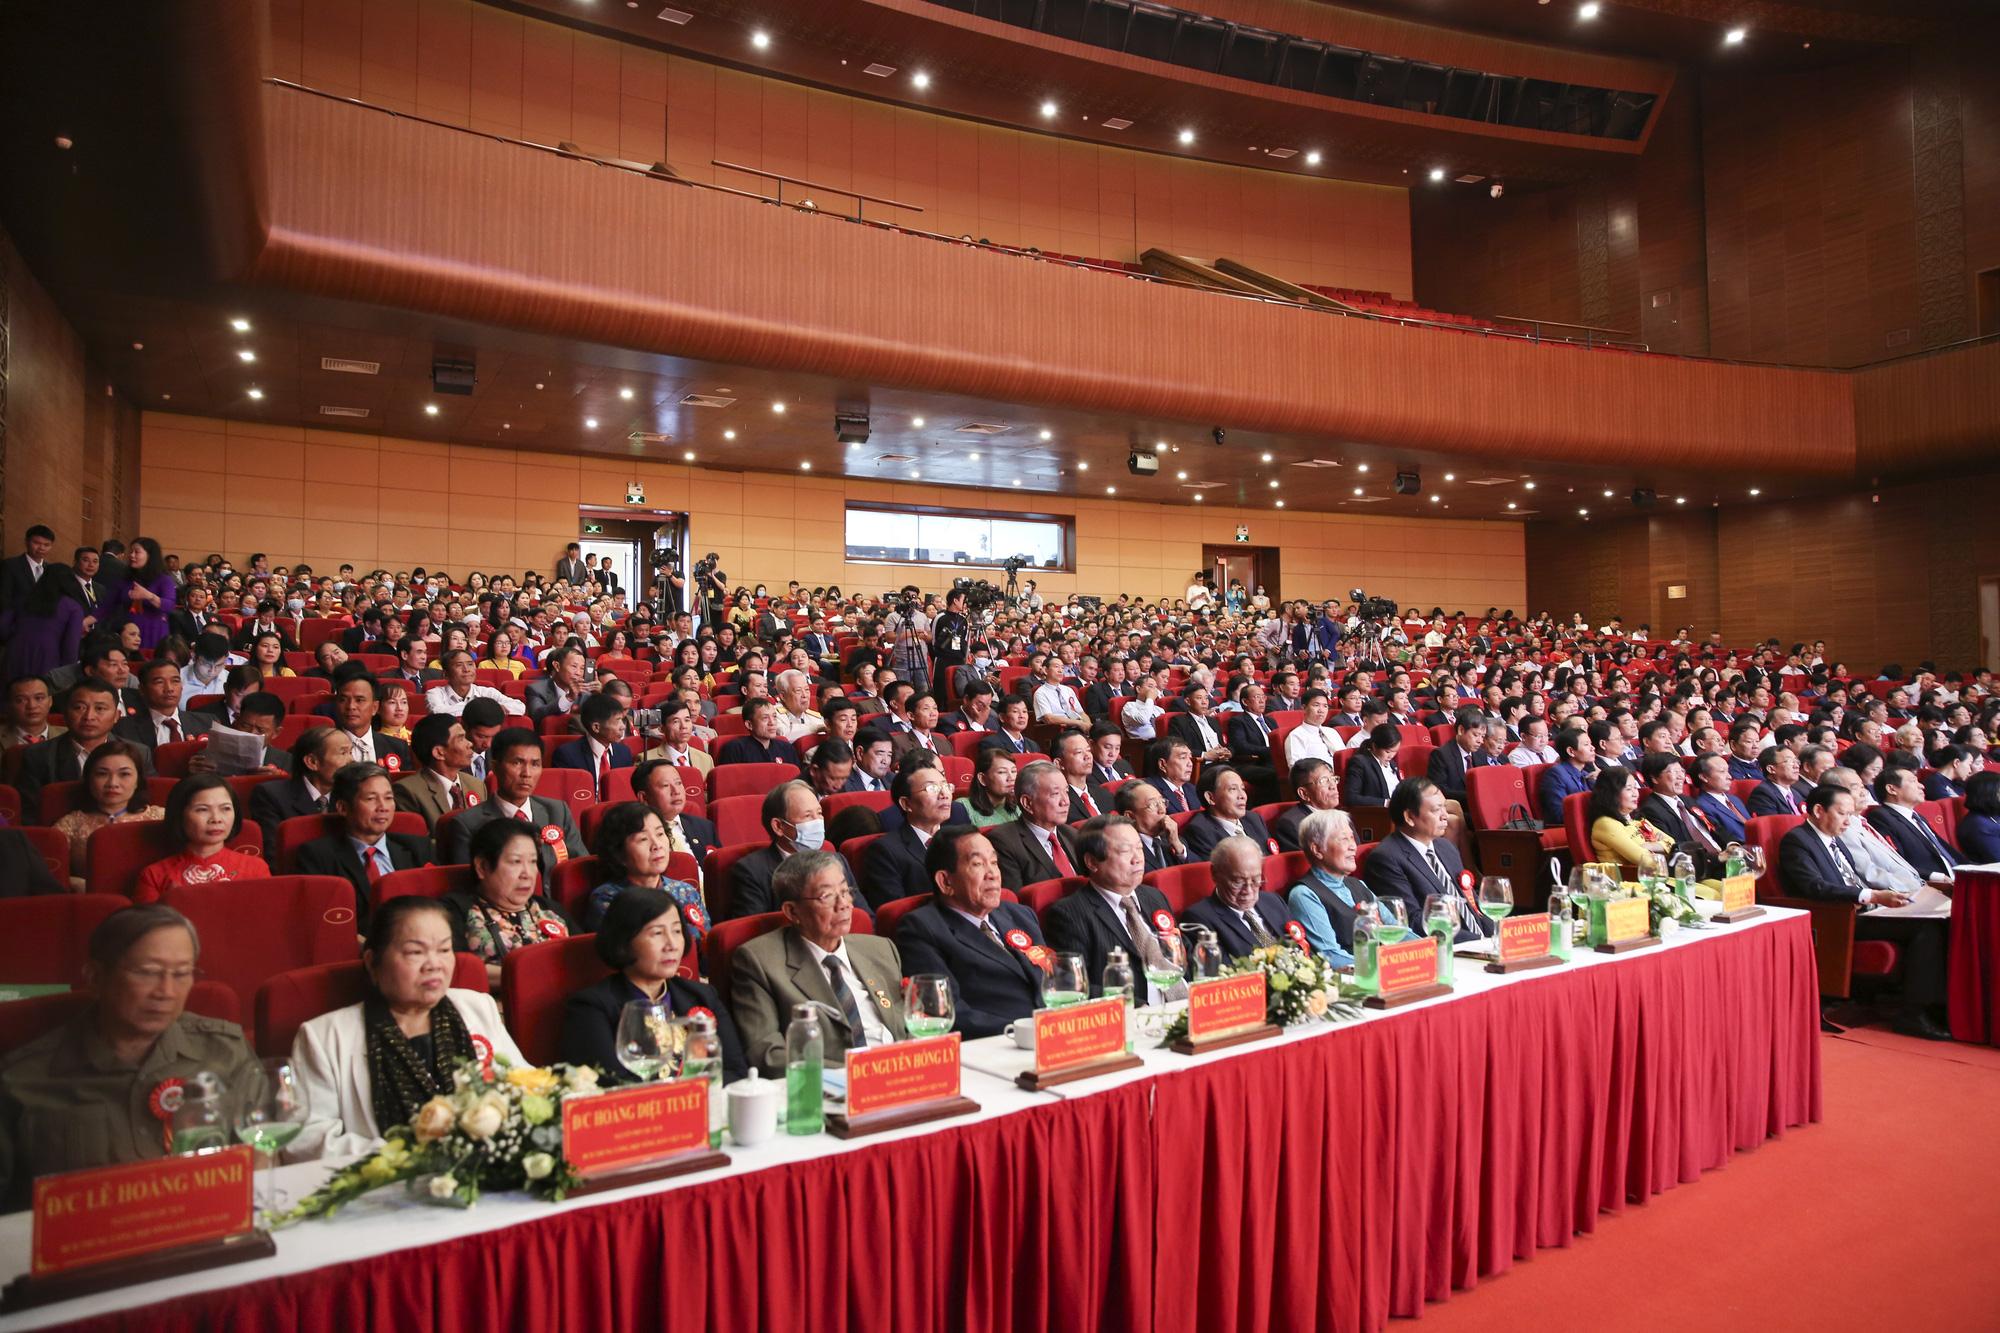 Lễ Kỷ niệm 90 năm Ngày thành lập Hội Nông dân Việt Nam: Hội Nông dân Việt Nam nhận Huân chương Hồ Chí Minh - Ảnh 3.